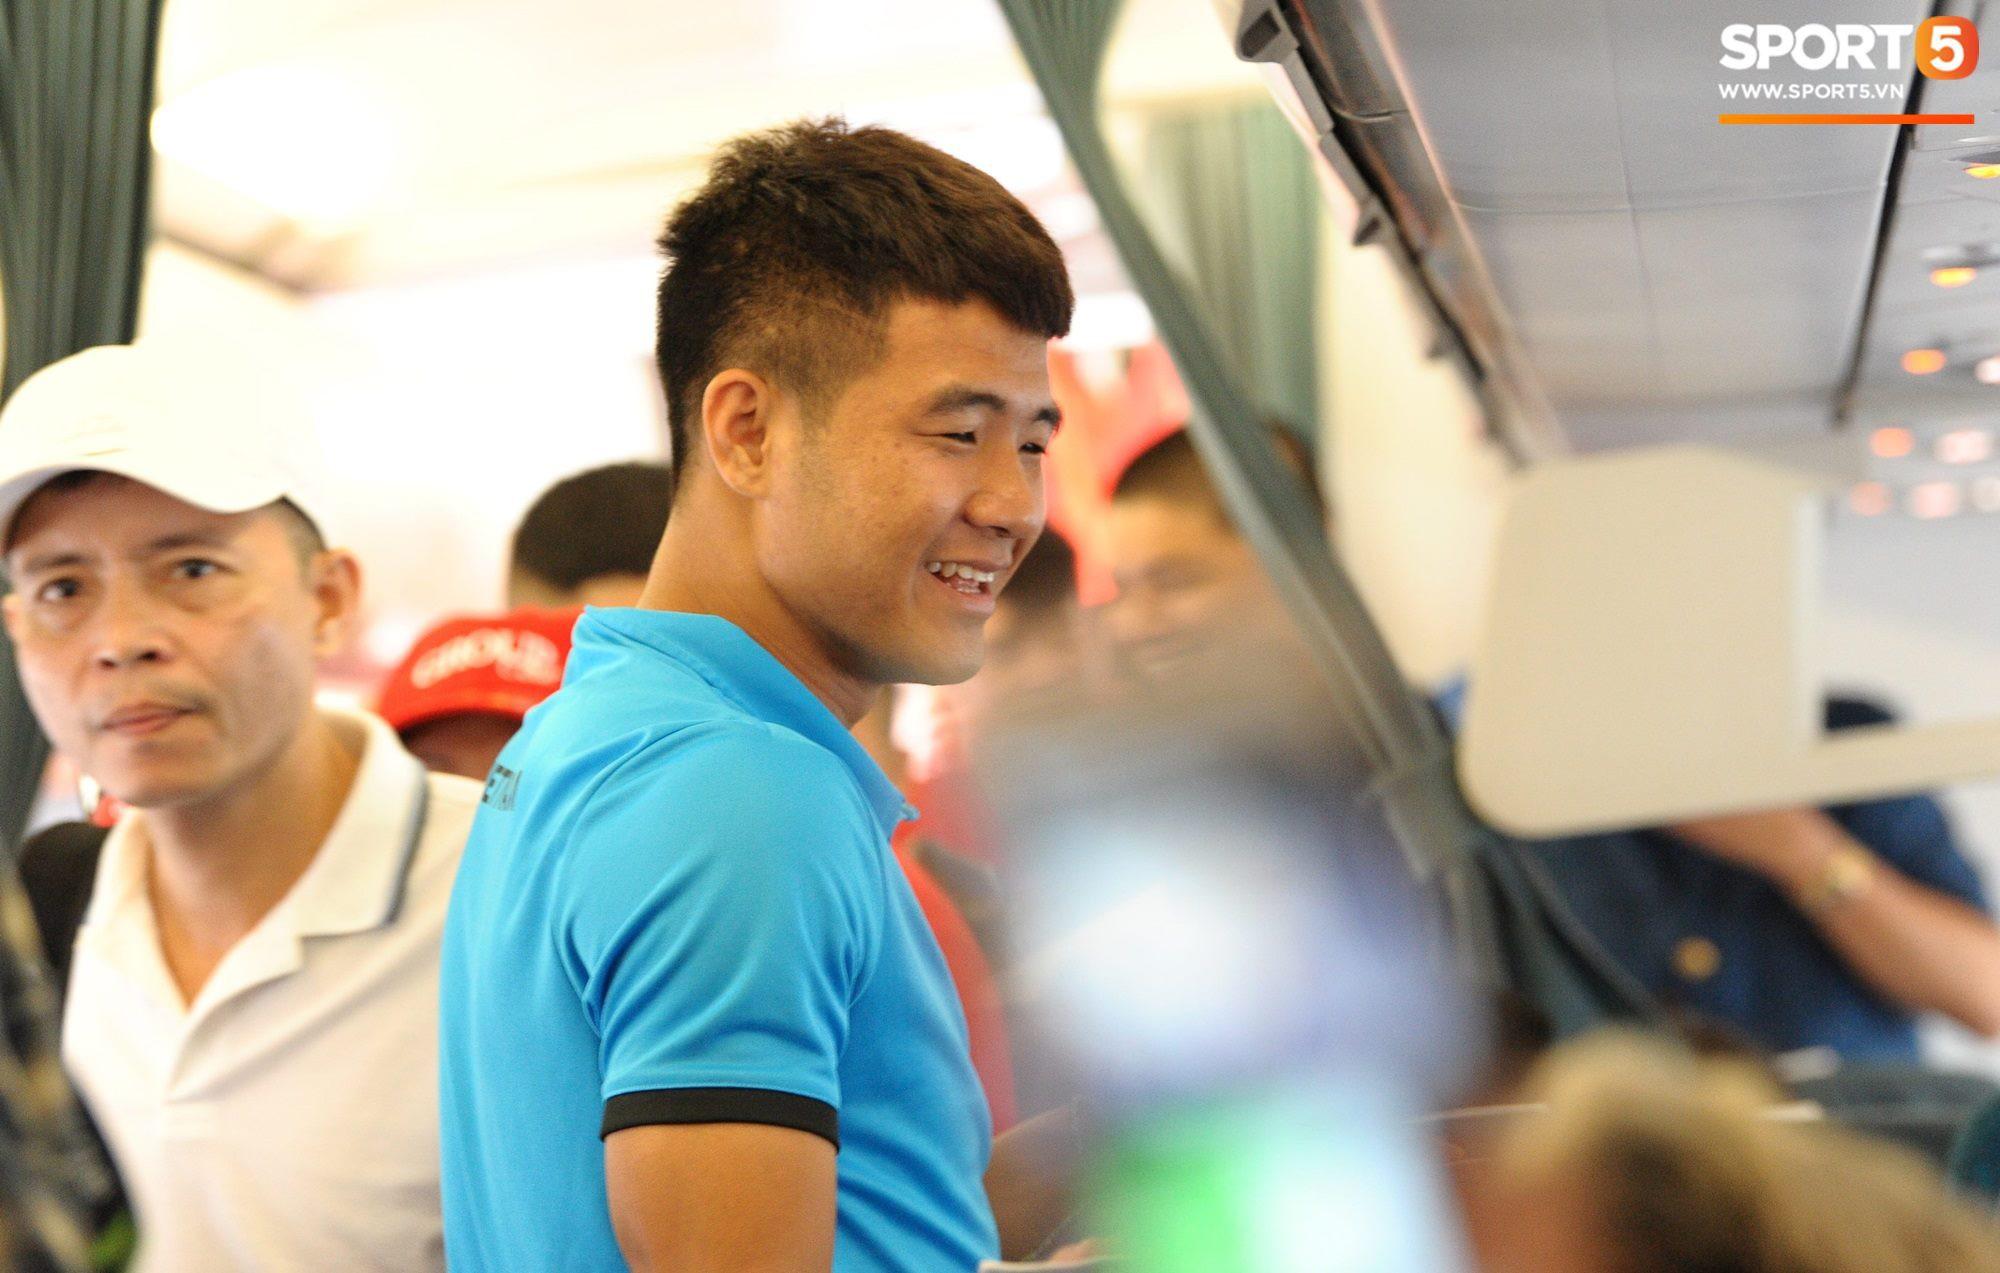 Món ăn khiến đội tuyển Việt Nam bất ngờ trên máy bay từ Philippines về Hà Nội-5